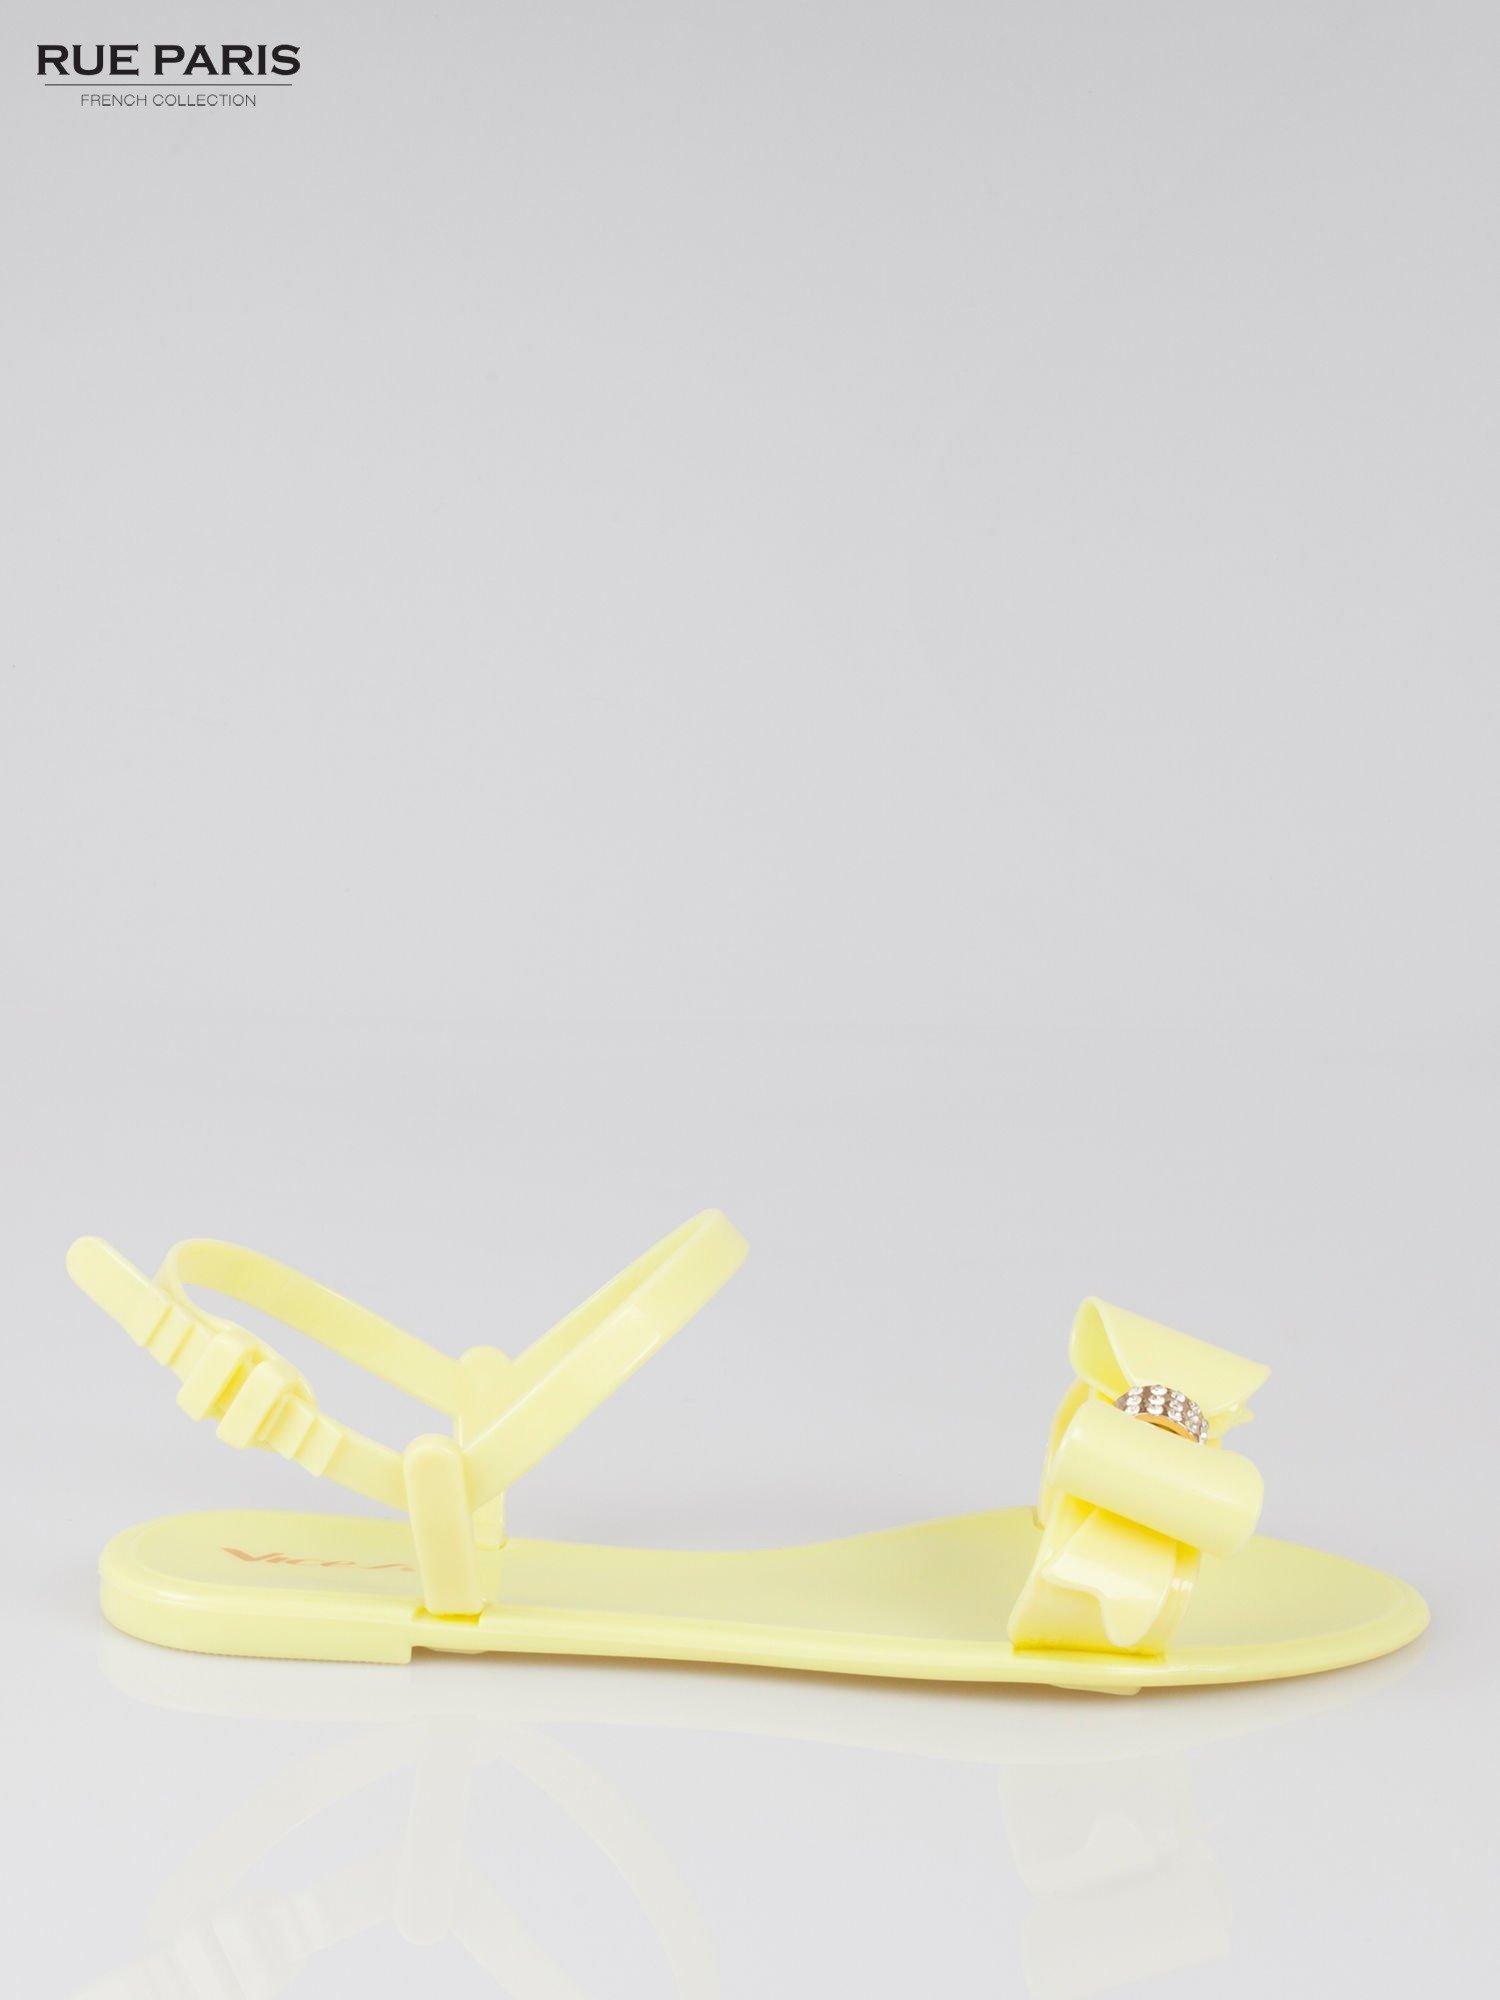 Żółte gumowe sandały meliski z kokardą Monique                                  zdj.                                  1